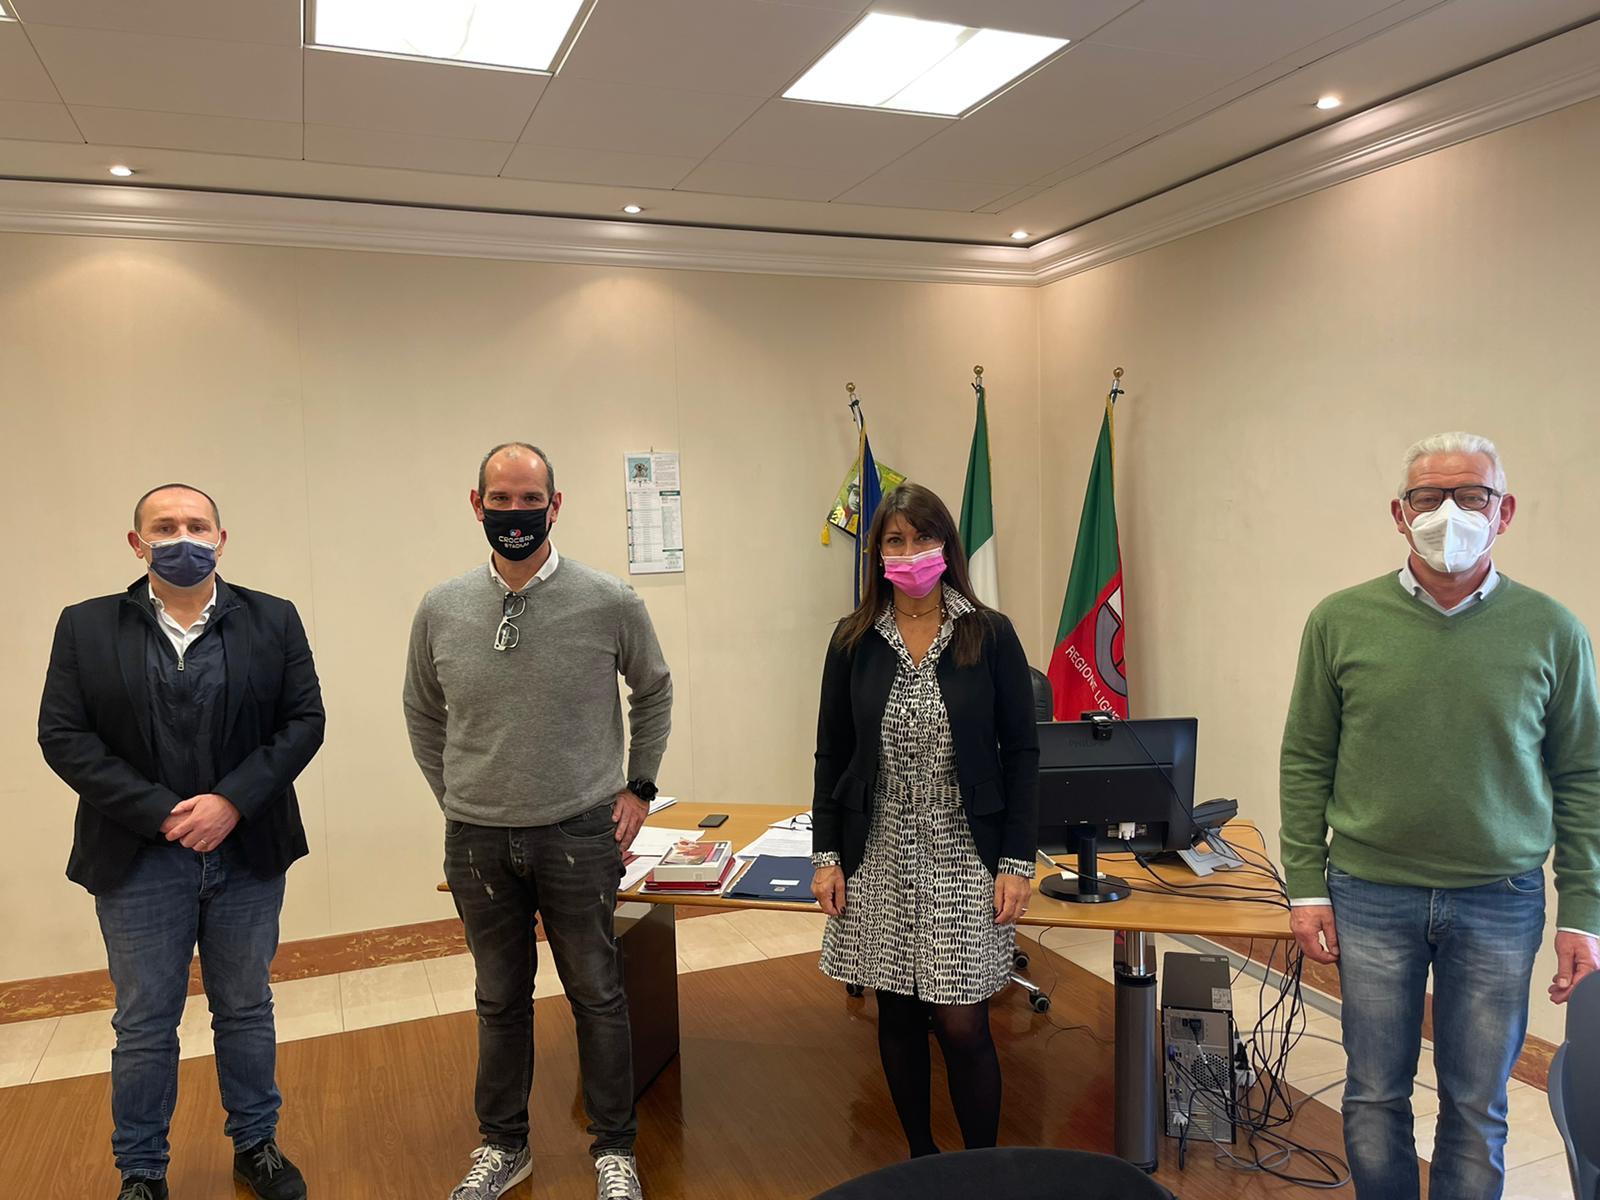 Regione: il Comitato ligure Fin incontra l'assessore Ferro